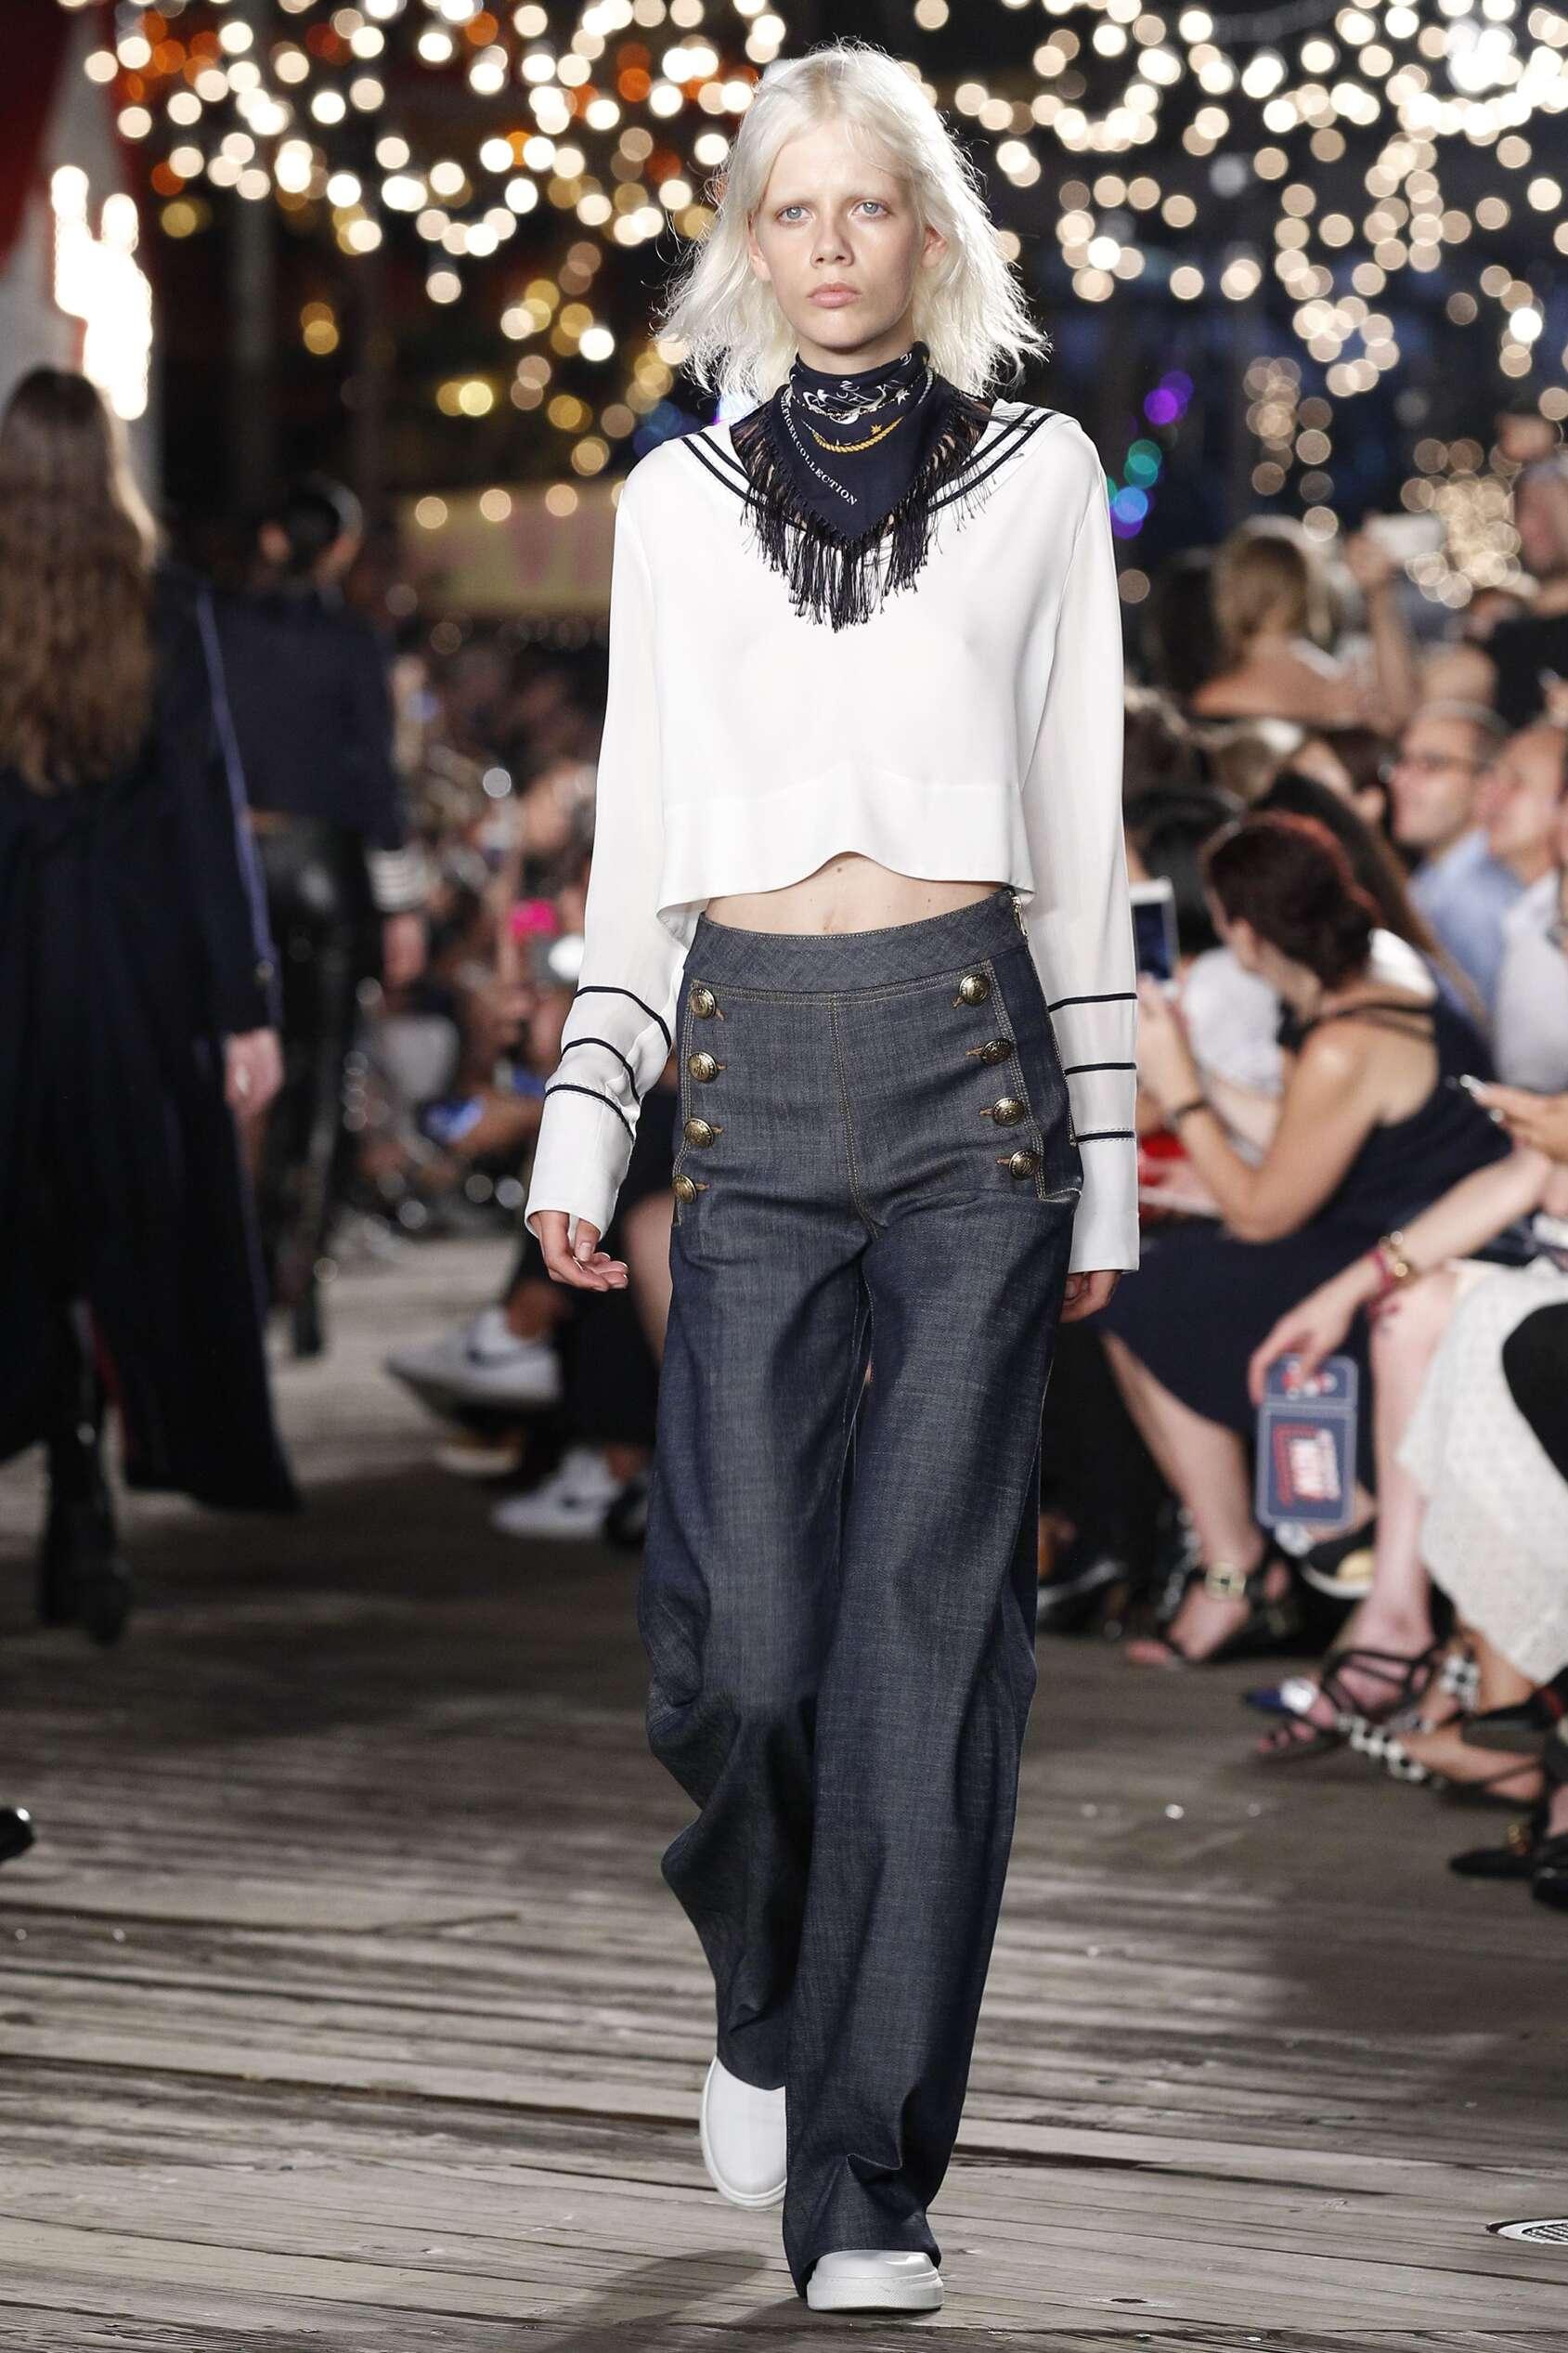 FW 2016 Fashion Show Tommy Hilfiger